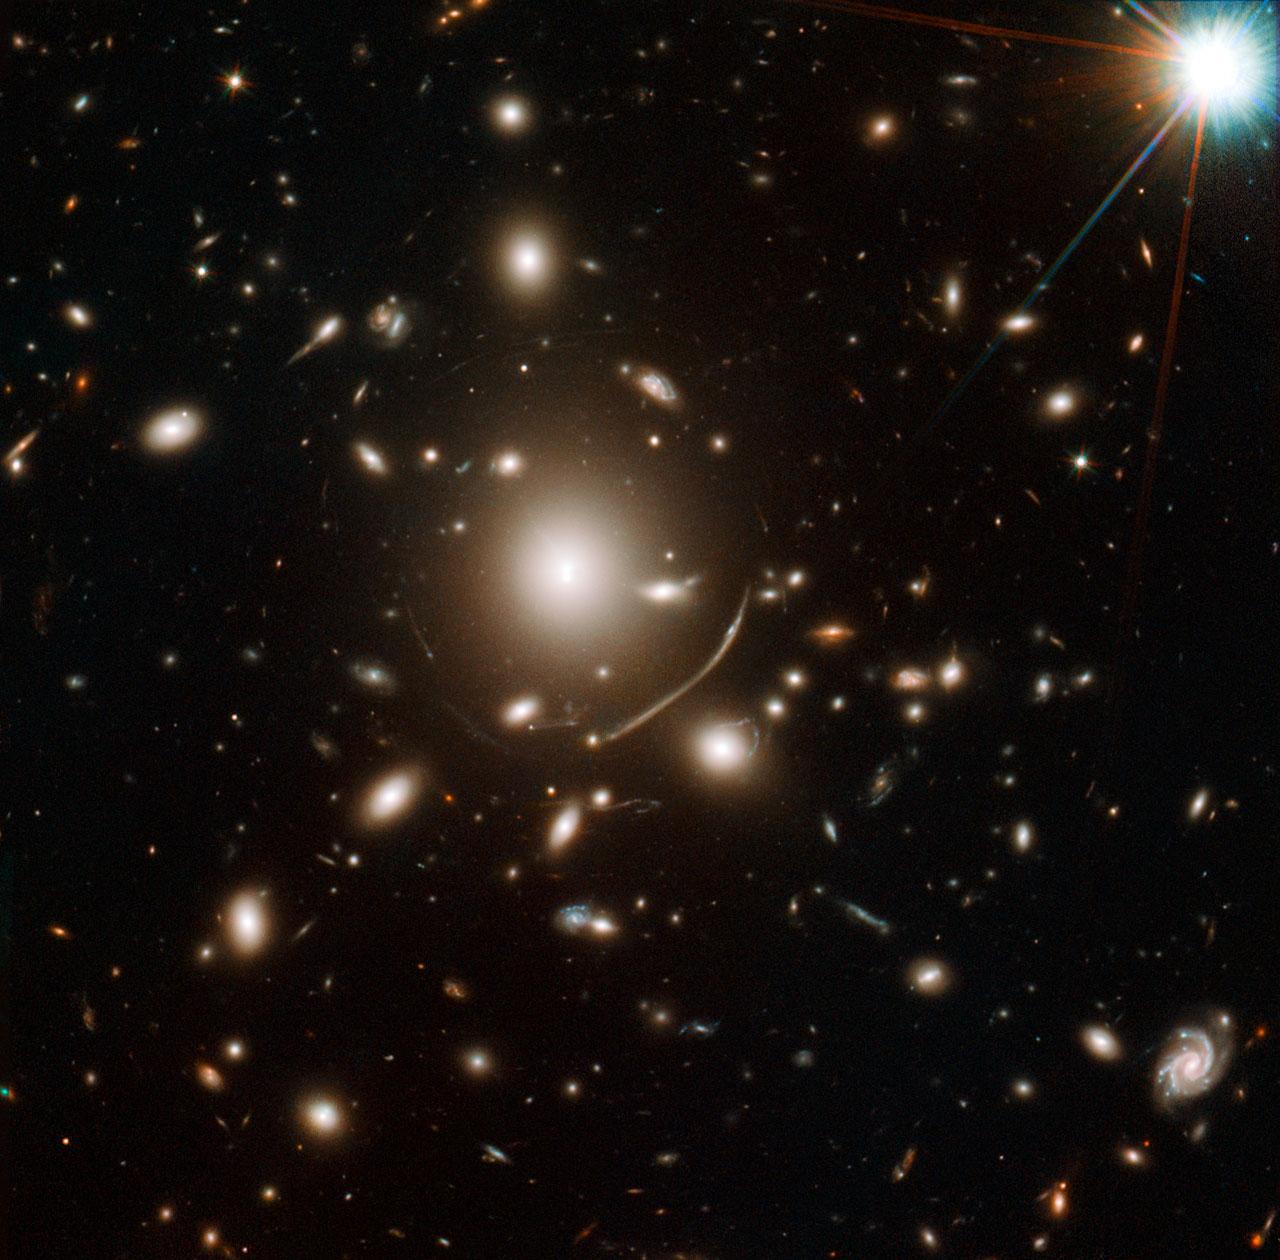 Lensing cluster Abell 383